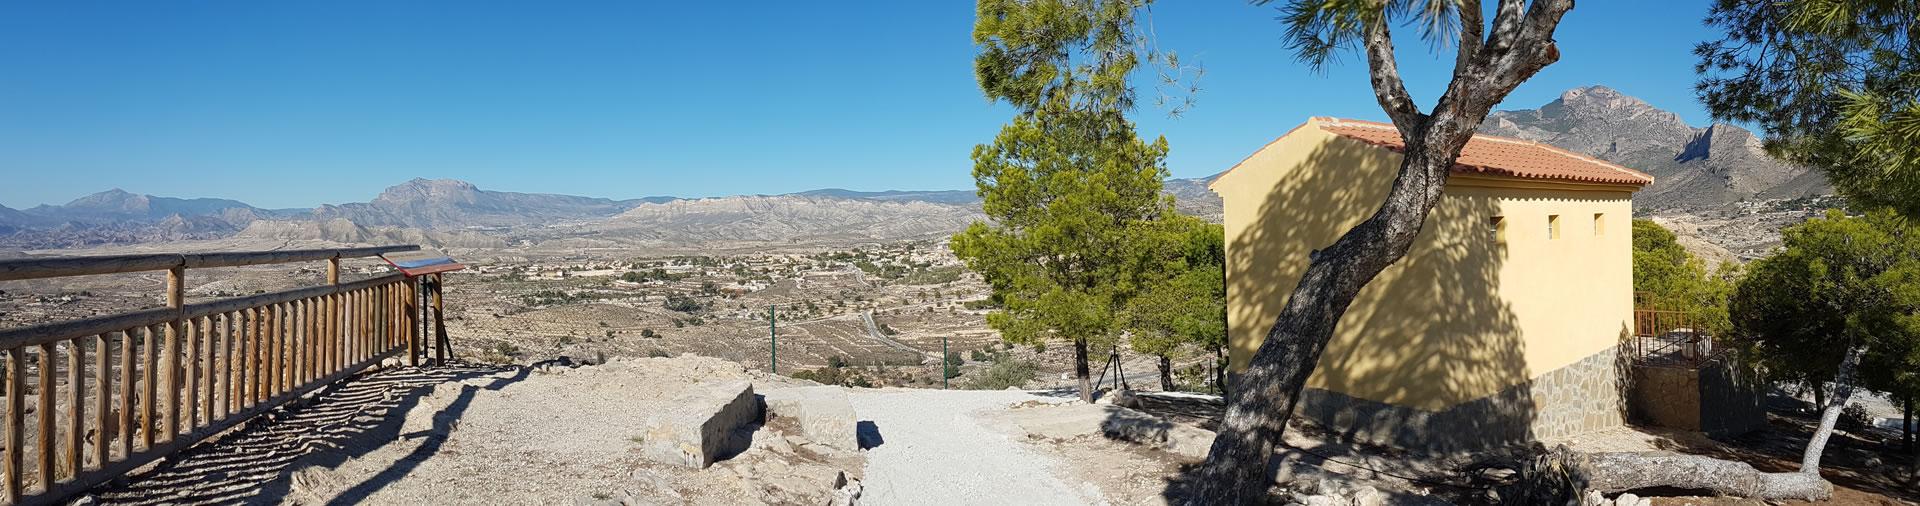 panoramica-monte-calvario-1